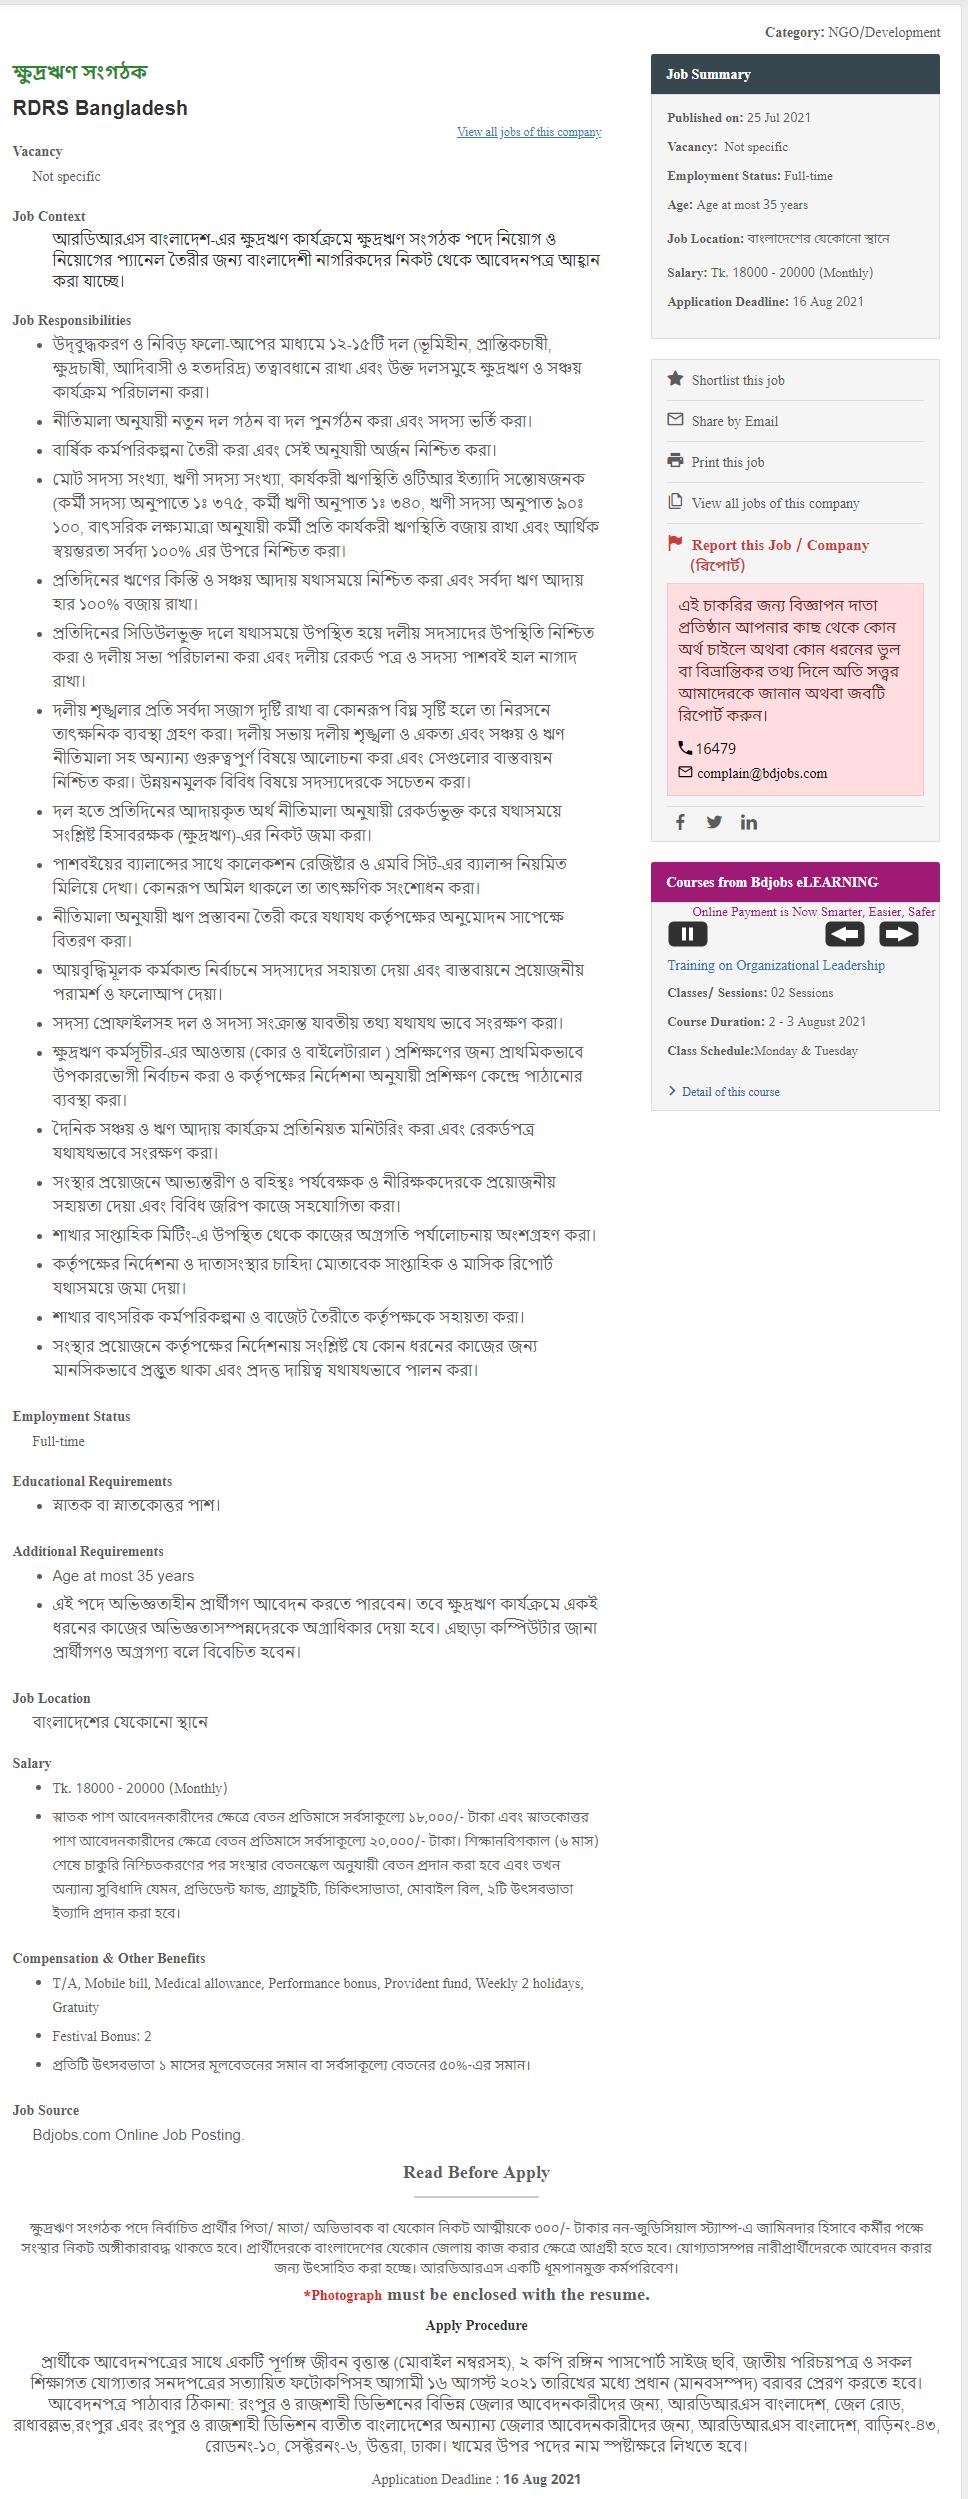 সকল এনজিও চাকরির খবর ২০২১ - All NGO Job Circular 2021 - বেসরকারি চাকরির খবর ২০২১